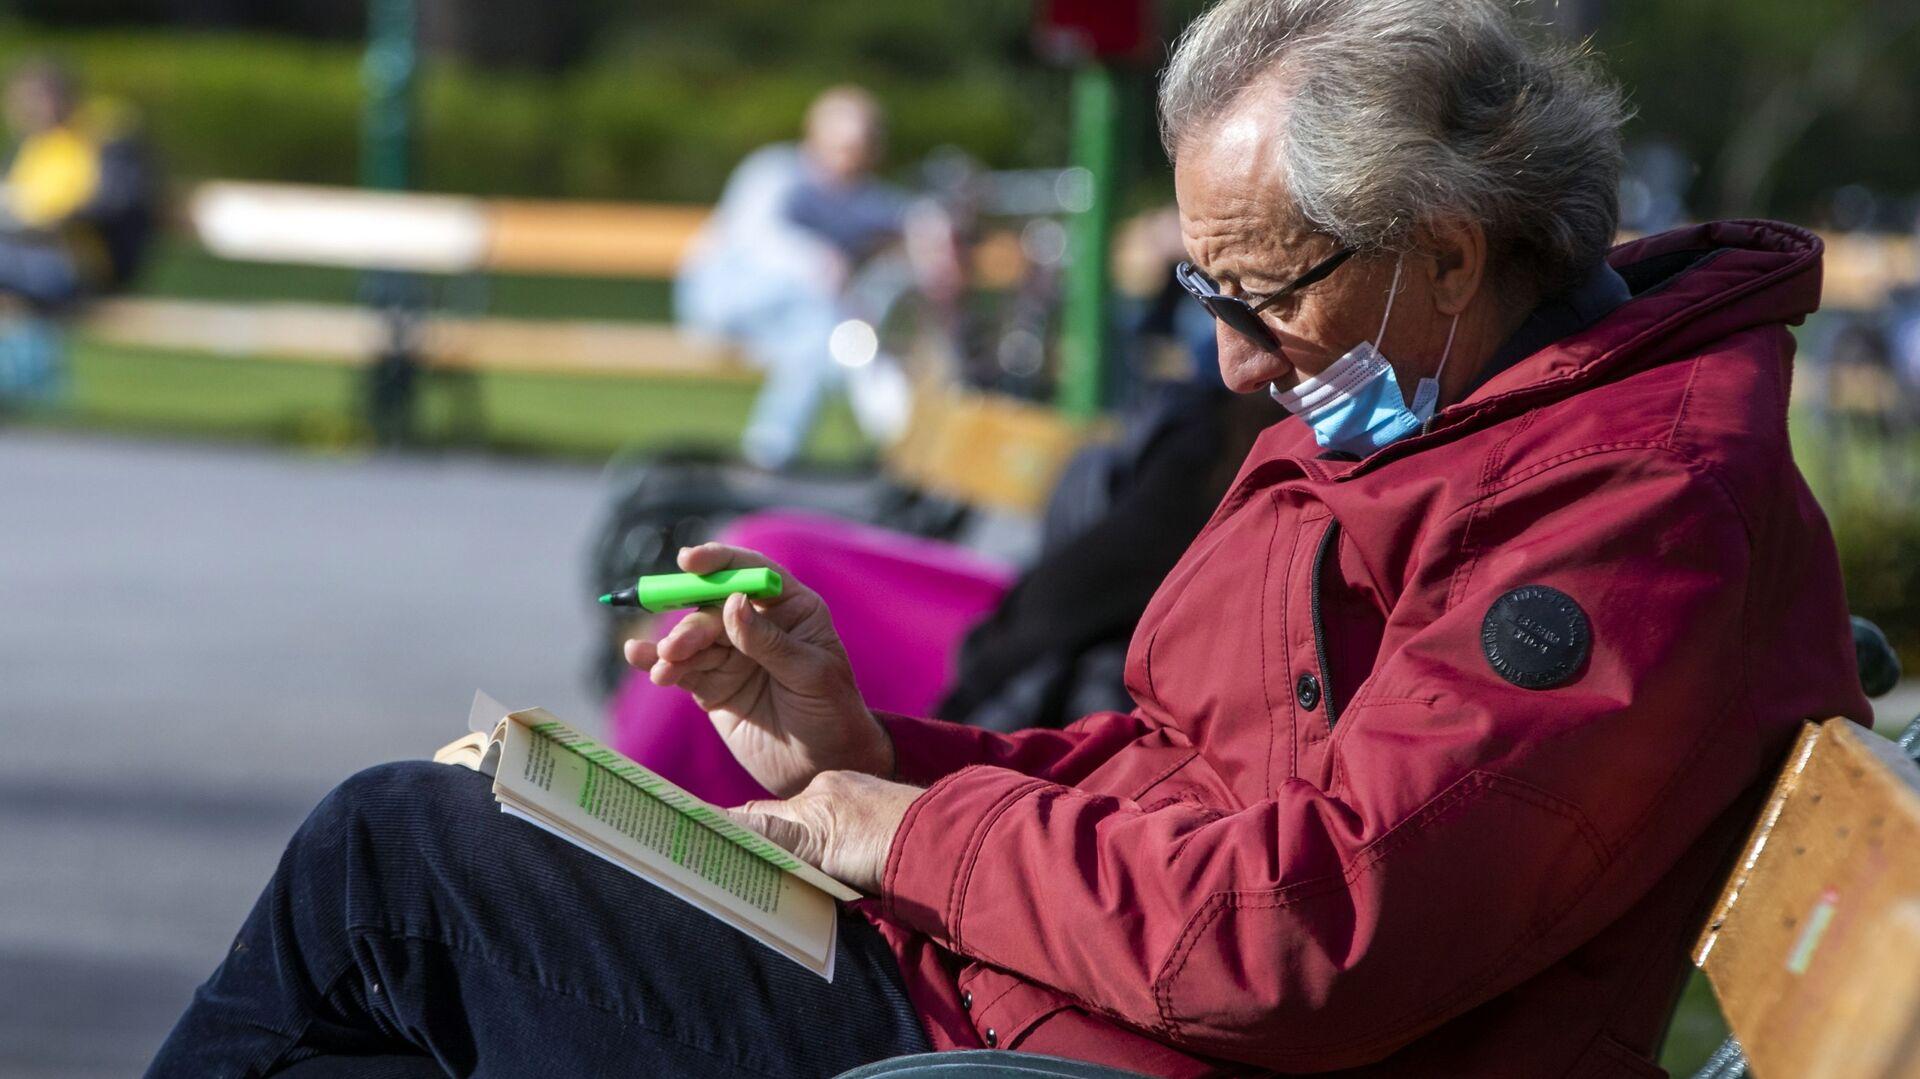 Un uomo anziano nel parco a Vienna - Sputnik Italia, 1920, 19.05.2021